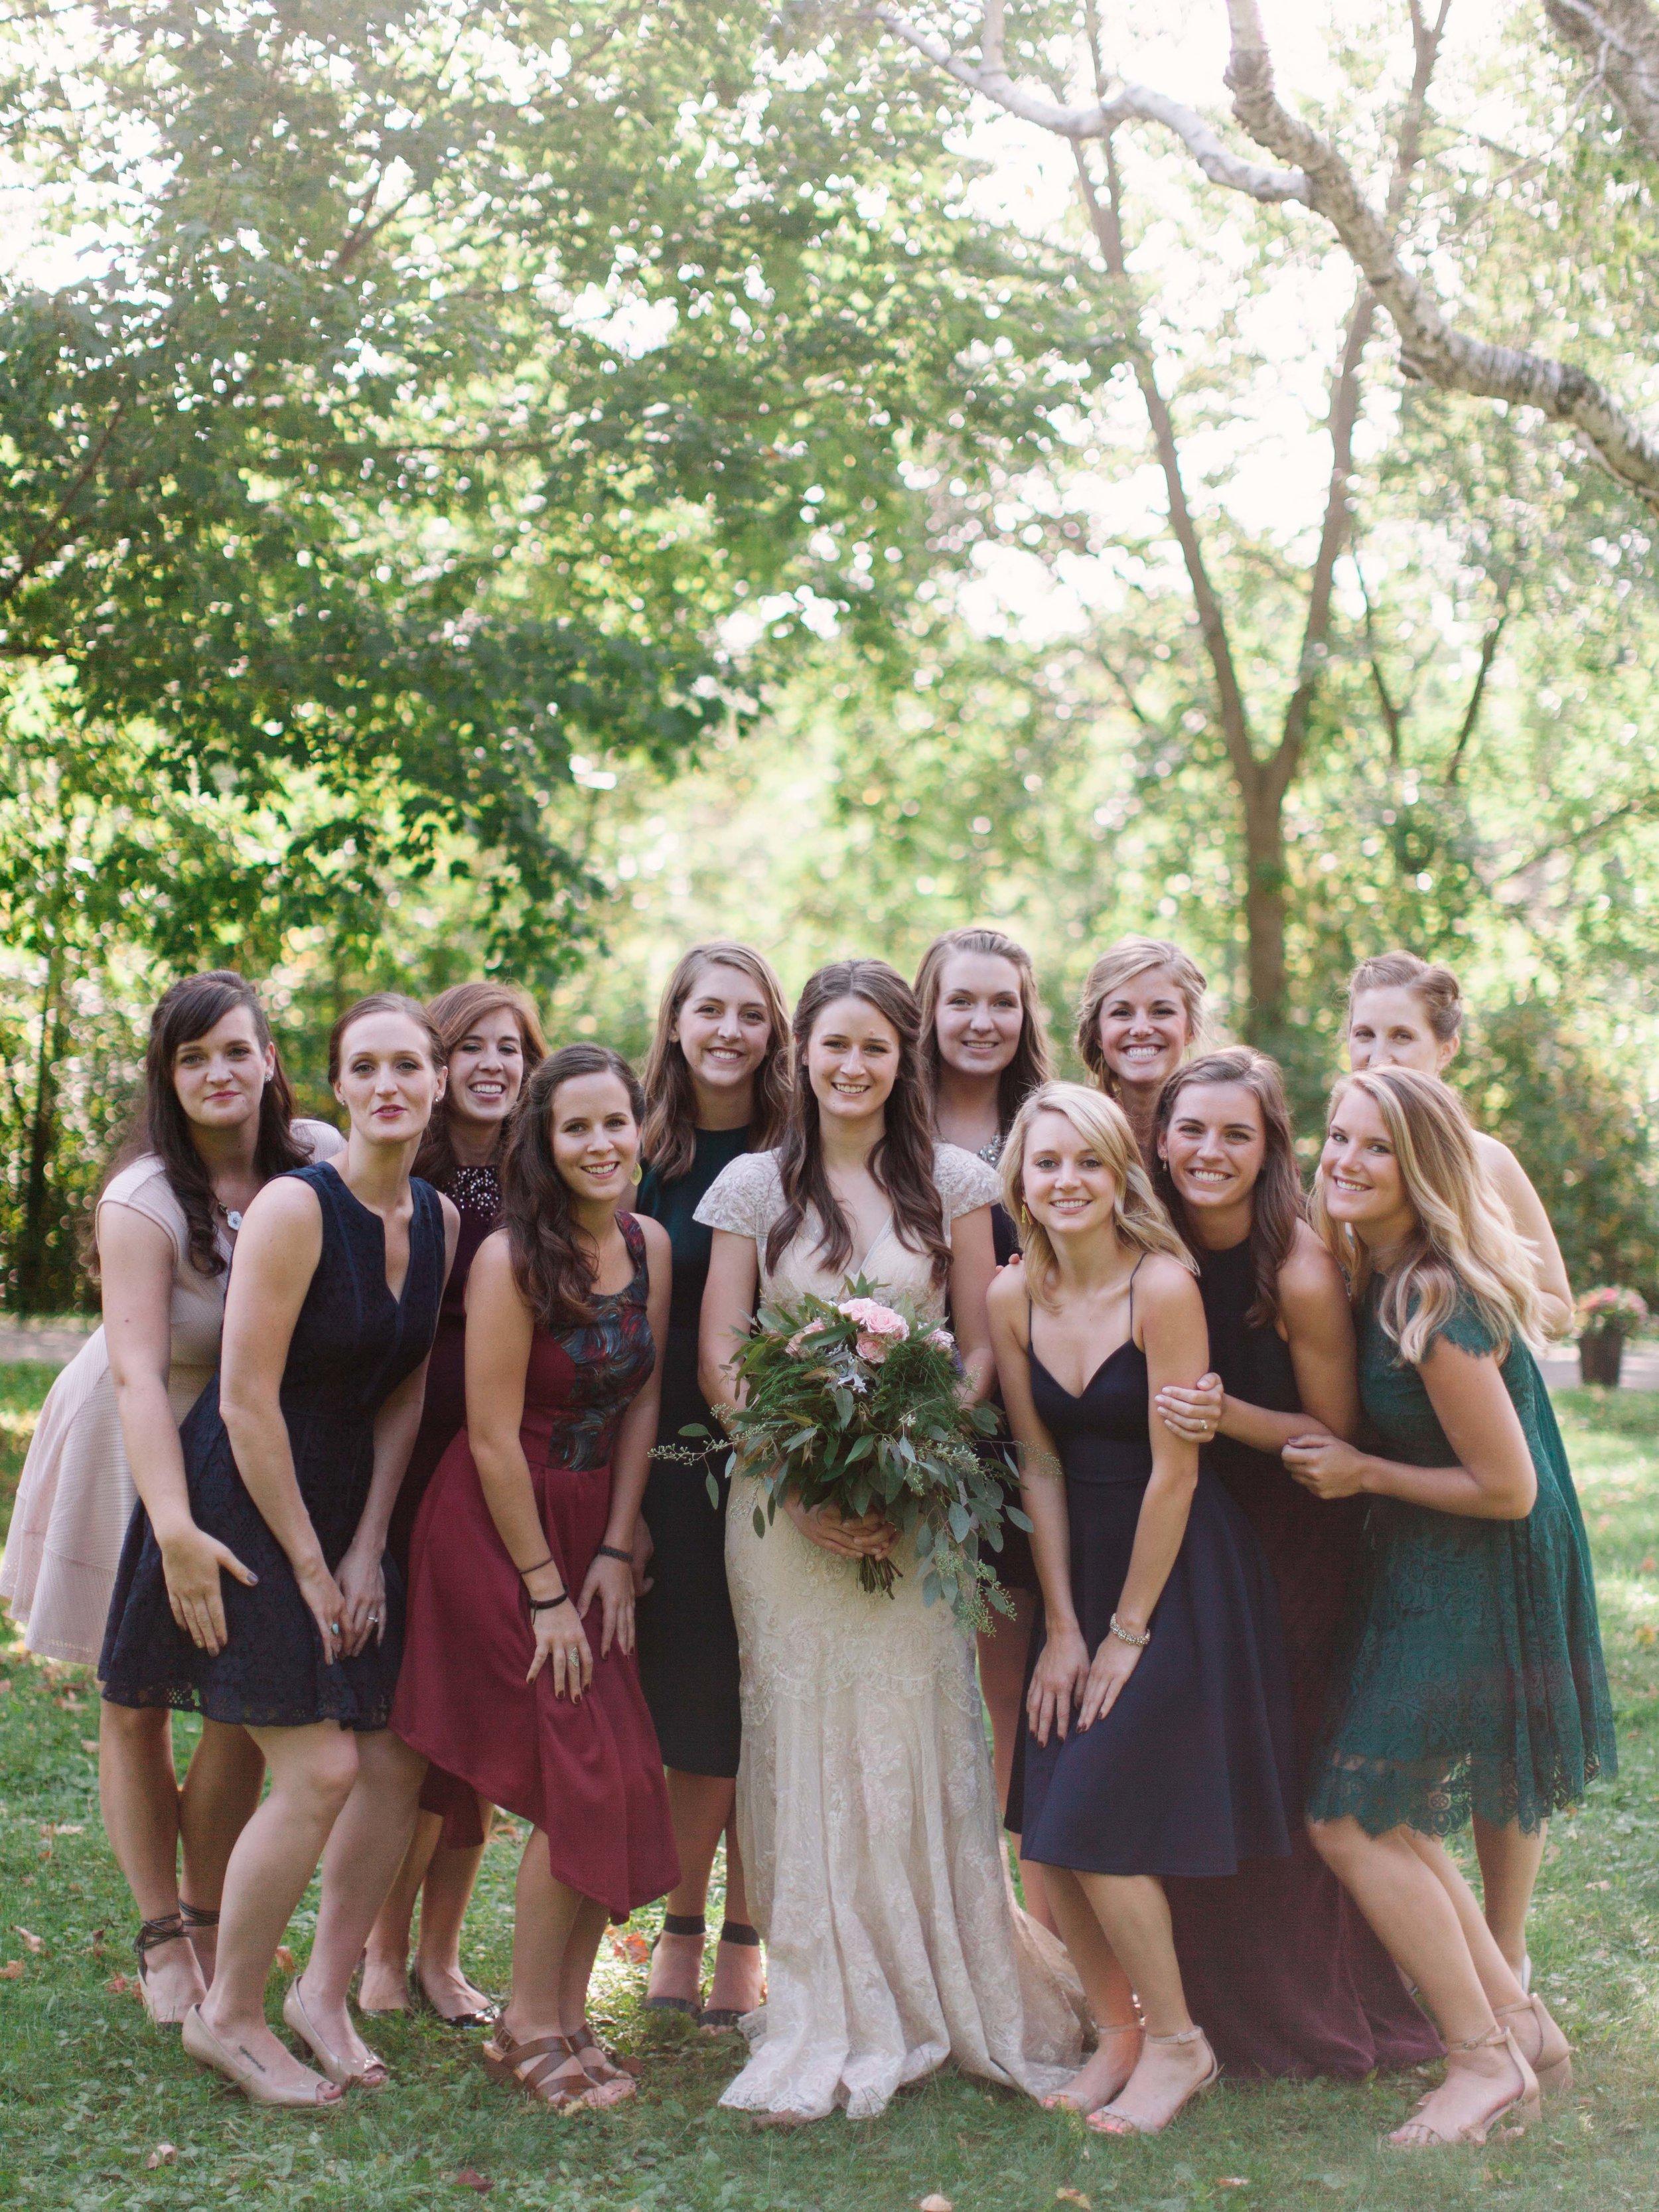 kateweinsteinphoto_clairewillie_wedding-262.jpg